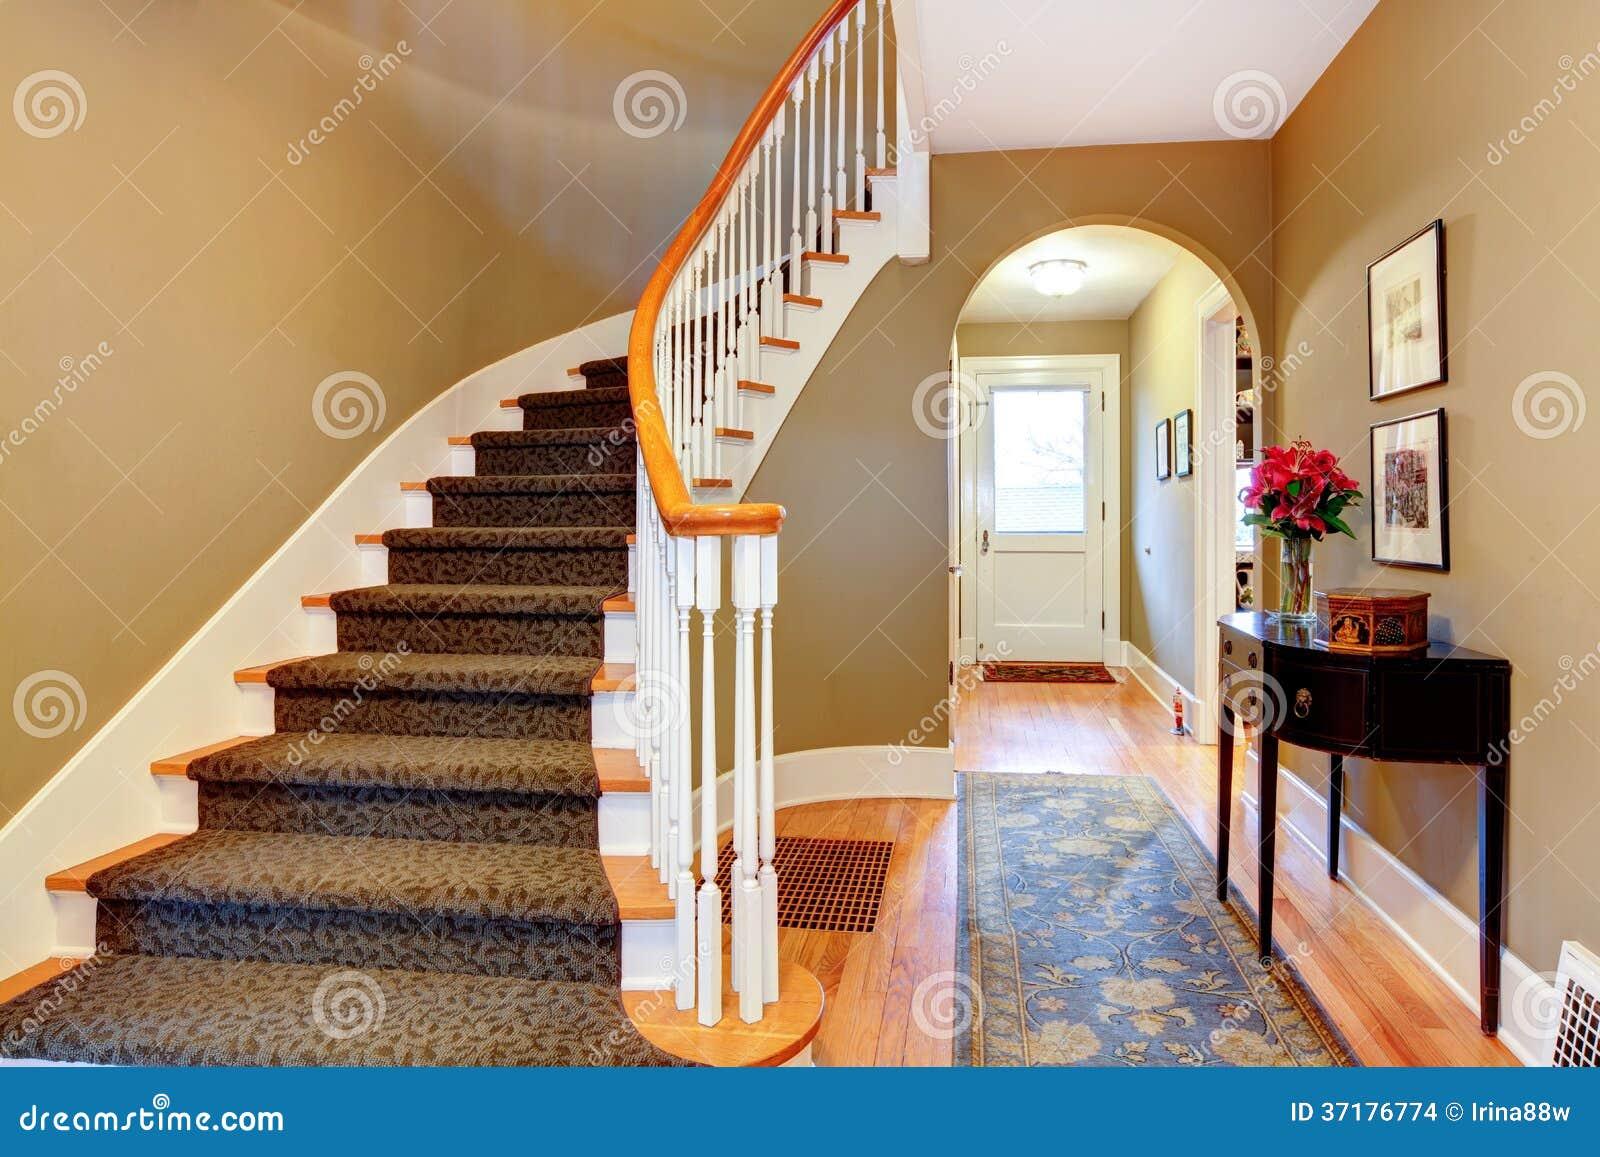 couloir lumineux avec les escaliers et l 39 arcade en bois images stock image 37176774. Black Bedroom Furniture Sets. Home Design Ideas